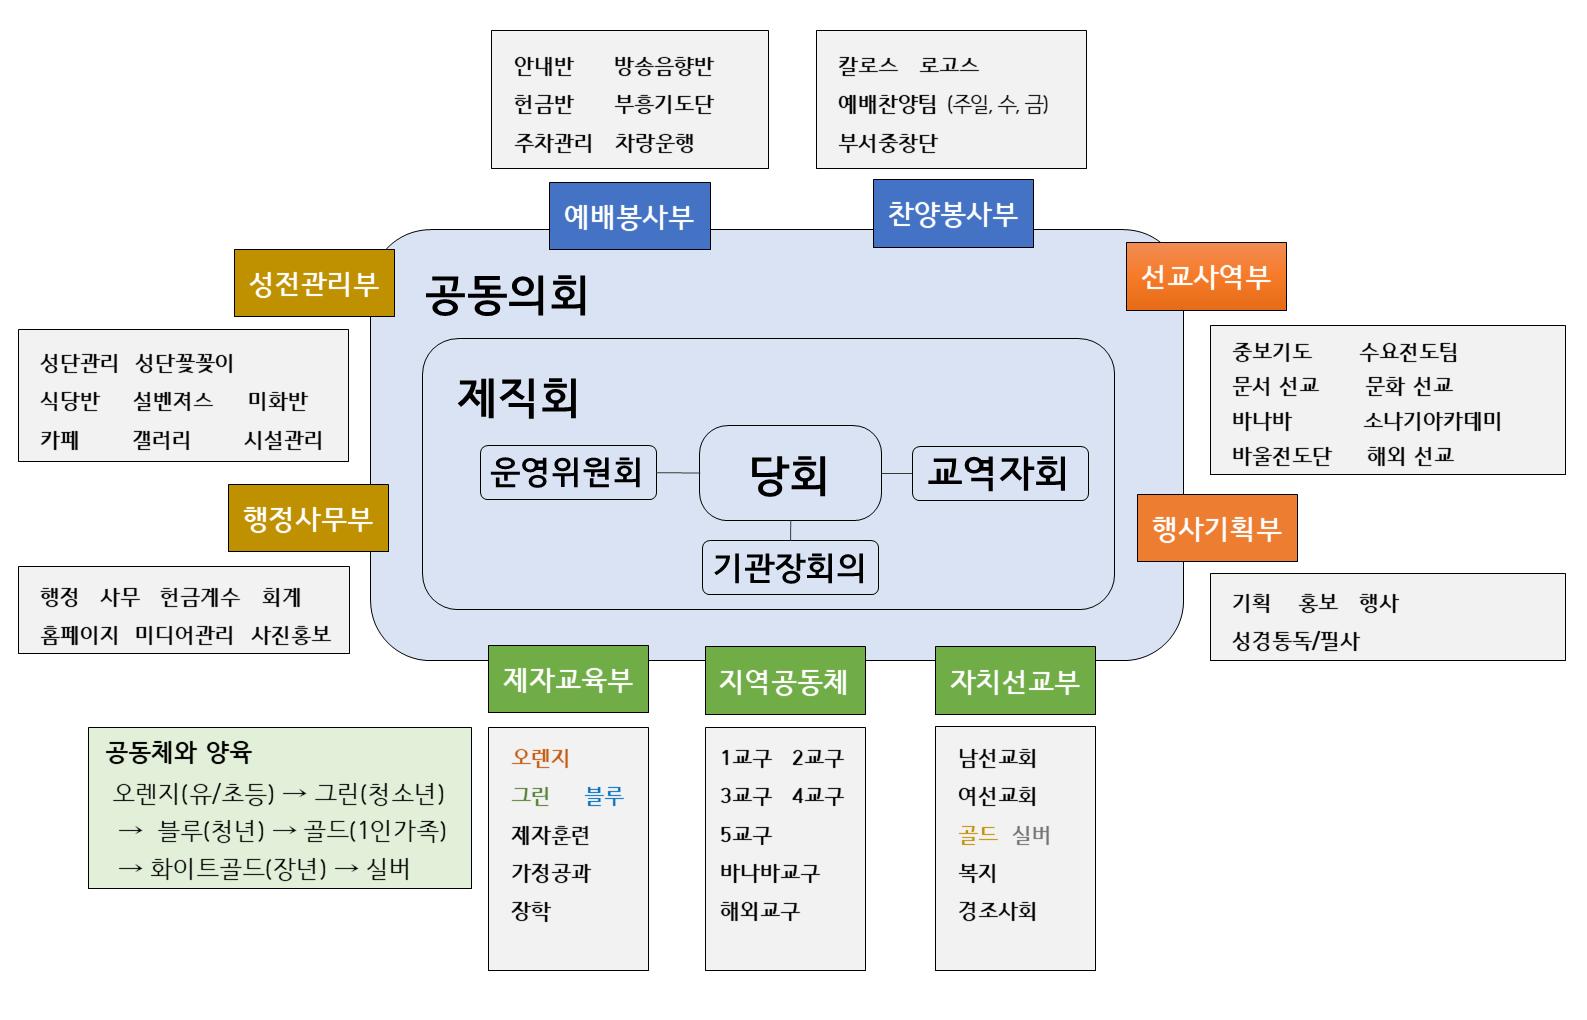 2020 서울중앙교회 조직도.png